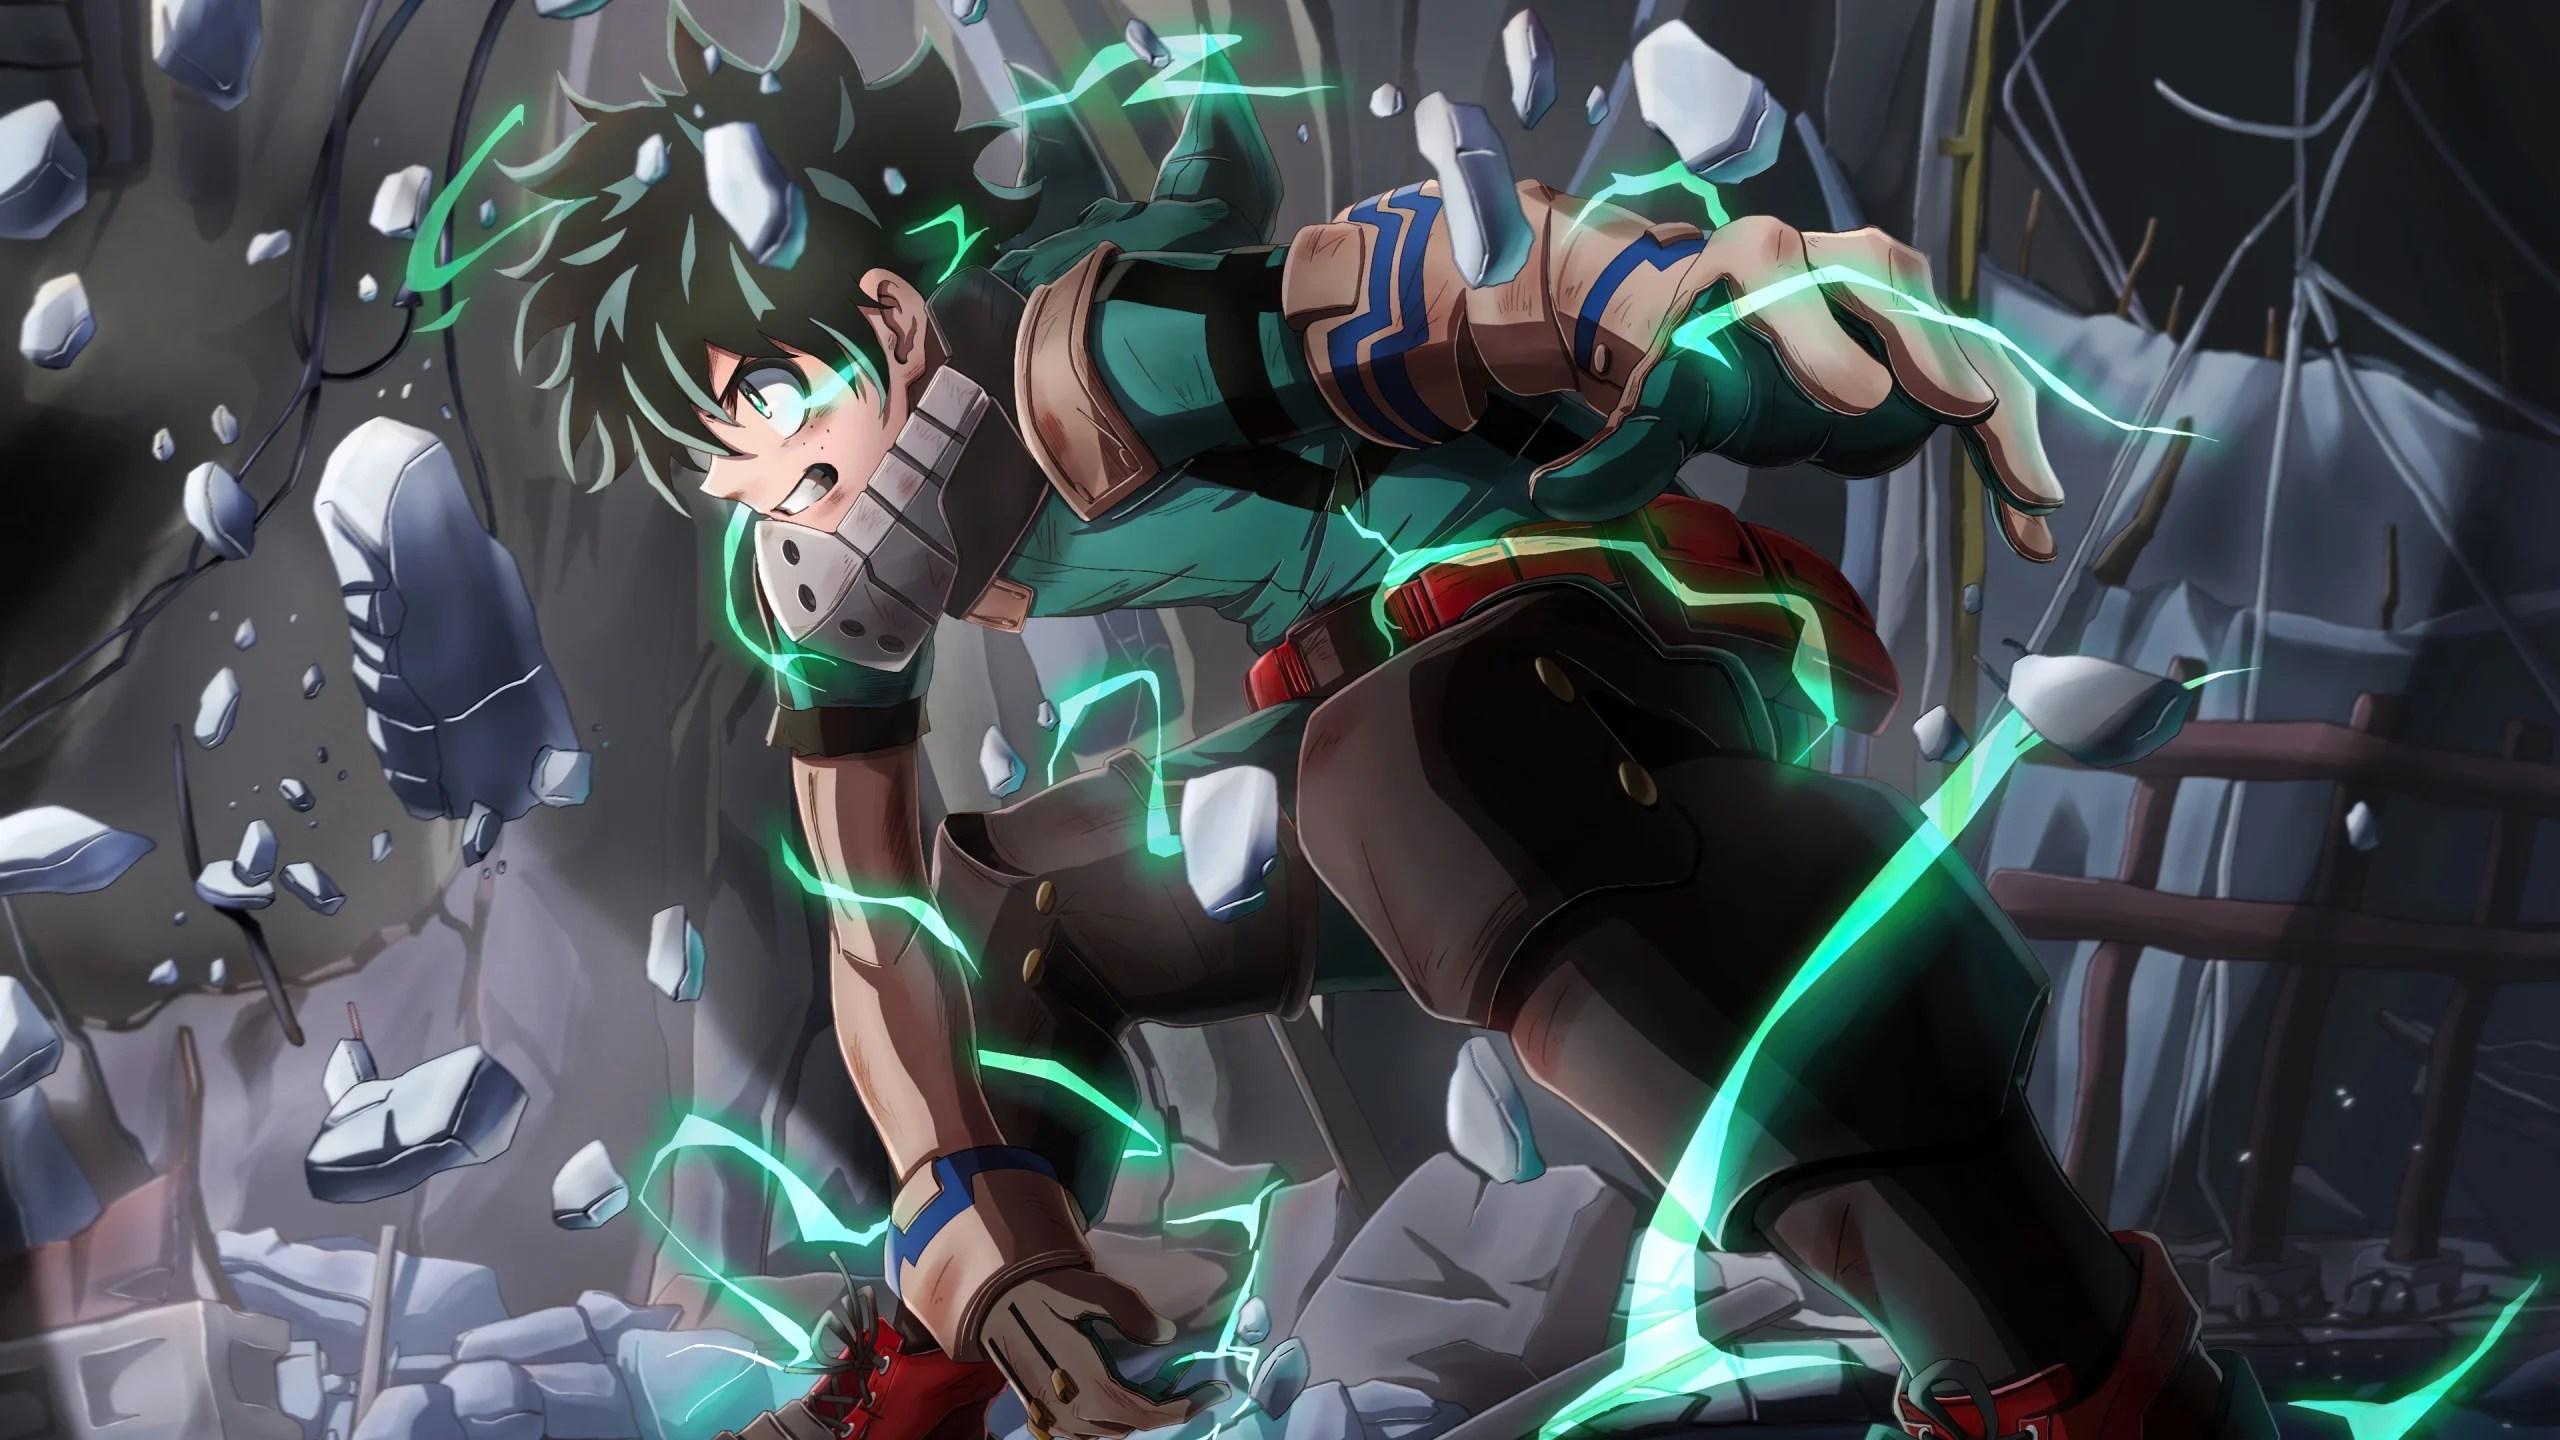 This wallpaper wednesday, let's ce. Izuku Midoriya Deku from My hero Academia Anime Wallpaper ...